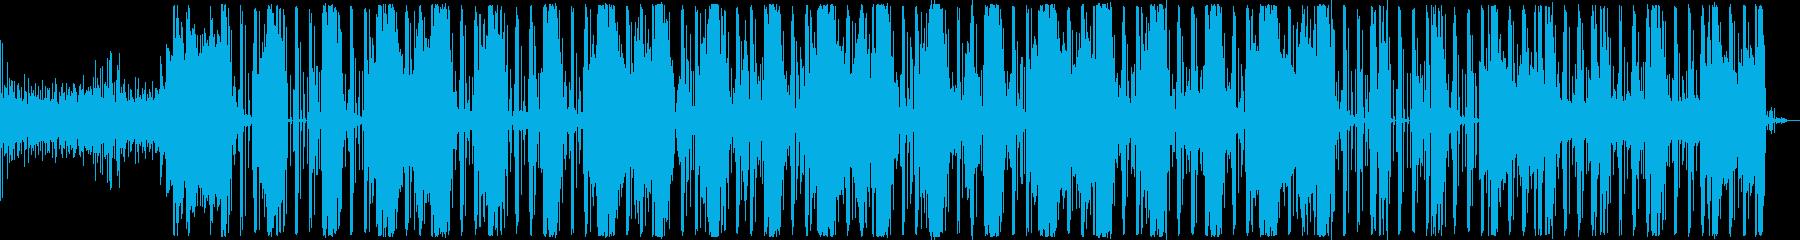 レトロ エーテル 淡々 テクノロジ...の再生済みの波形